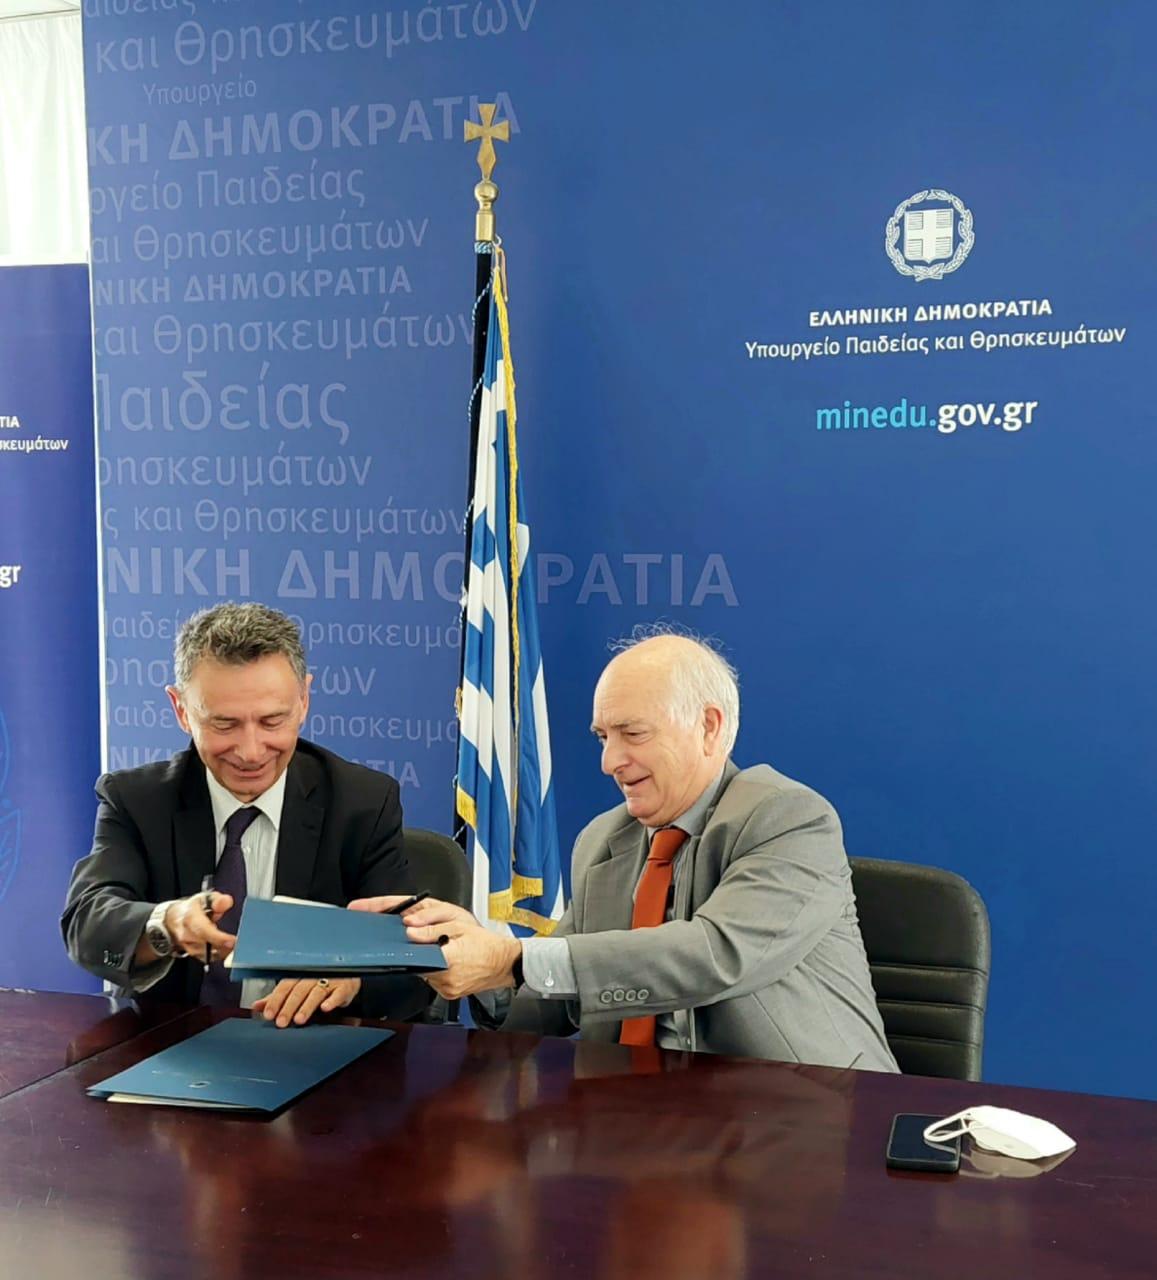 Νέο τριετές ελληνογερμανικό Πρωτόκολλο Συνεργασίας στον τομέα της Επαγγελματικής Εκπαίδευσης